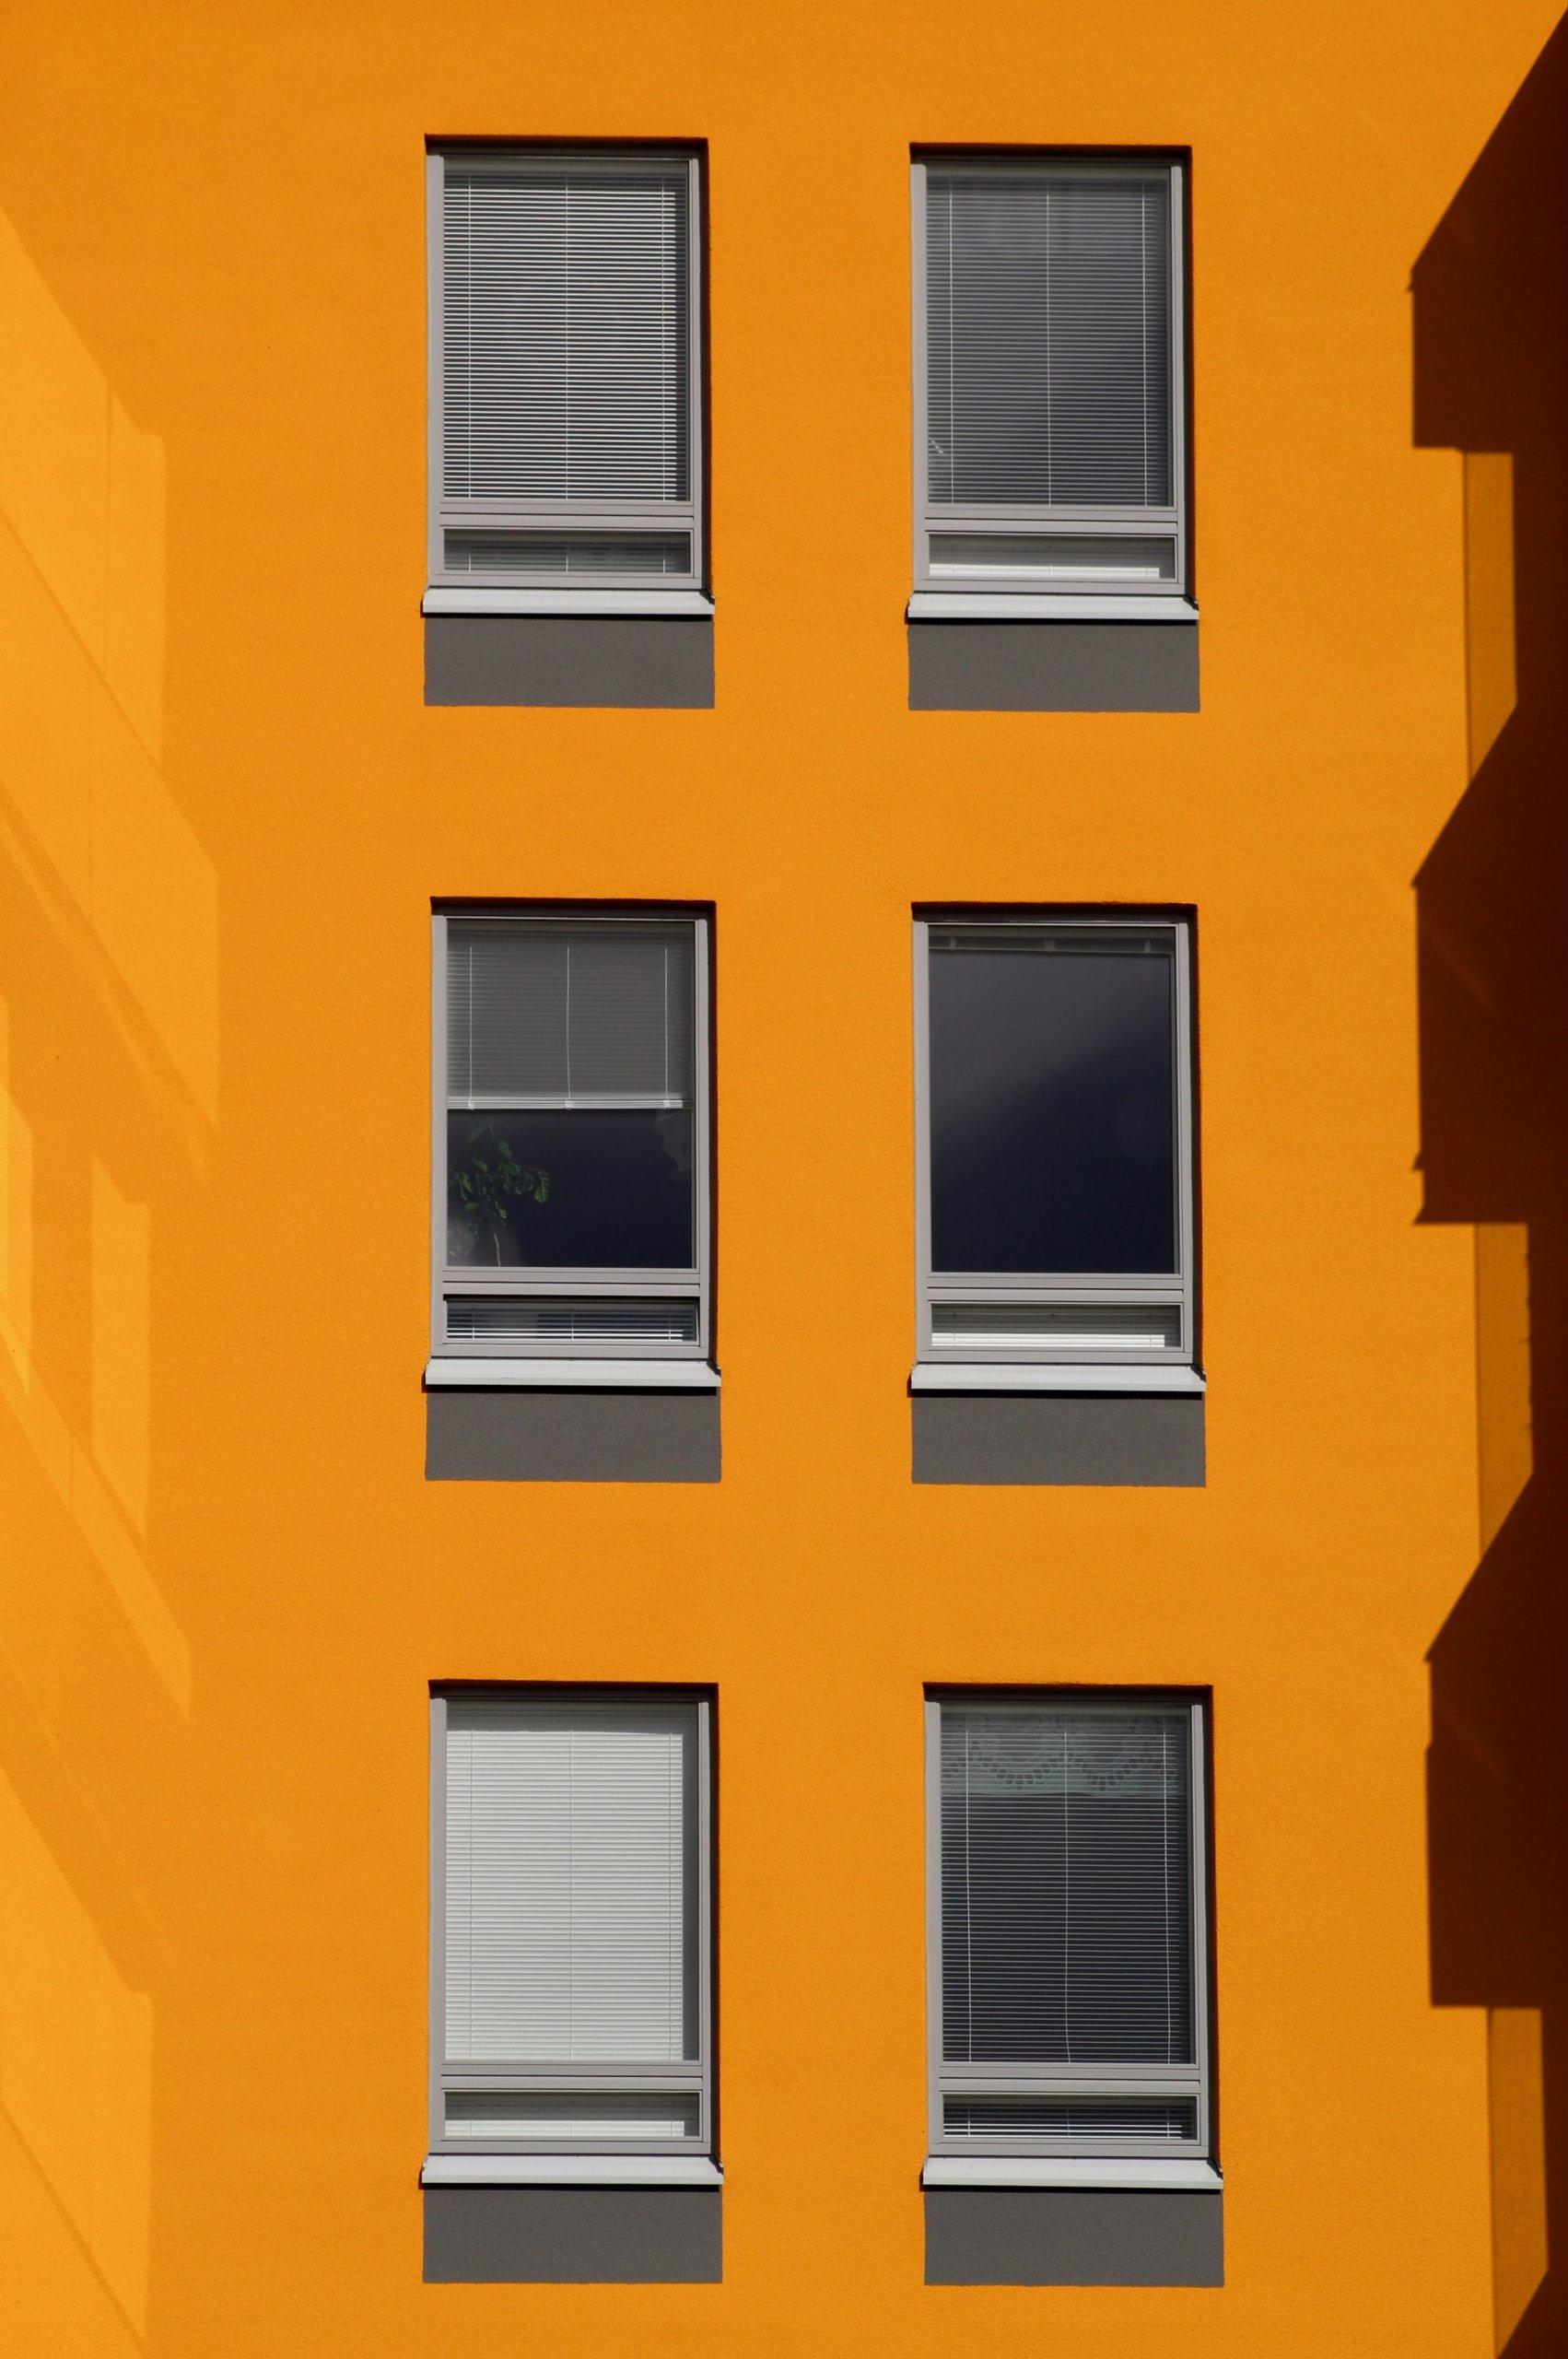 Izolacija vanjskih zidova – najbrži način optimizacije energije